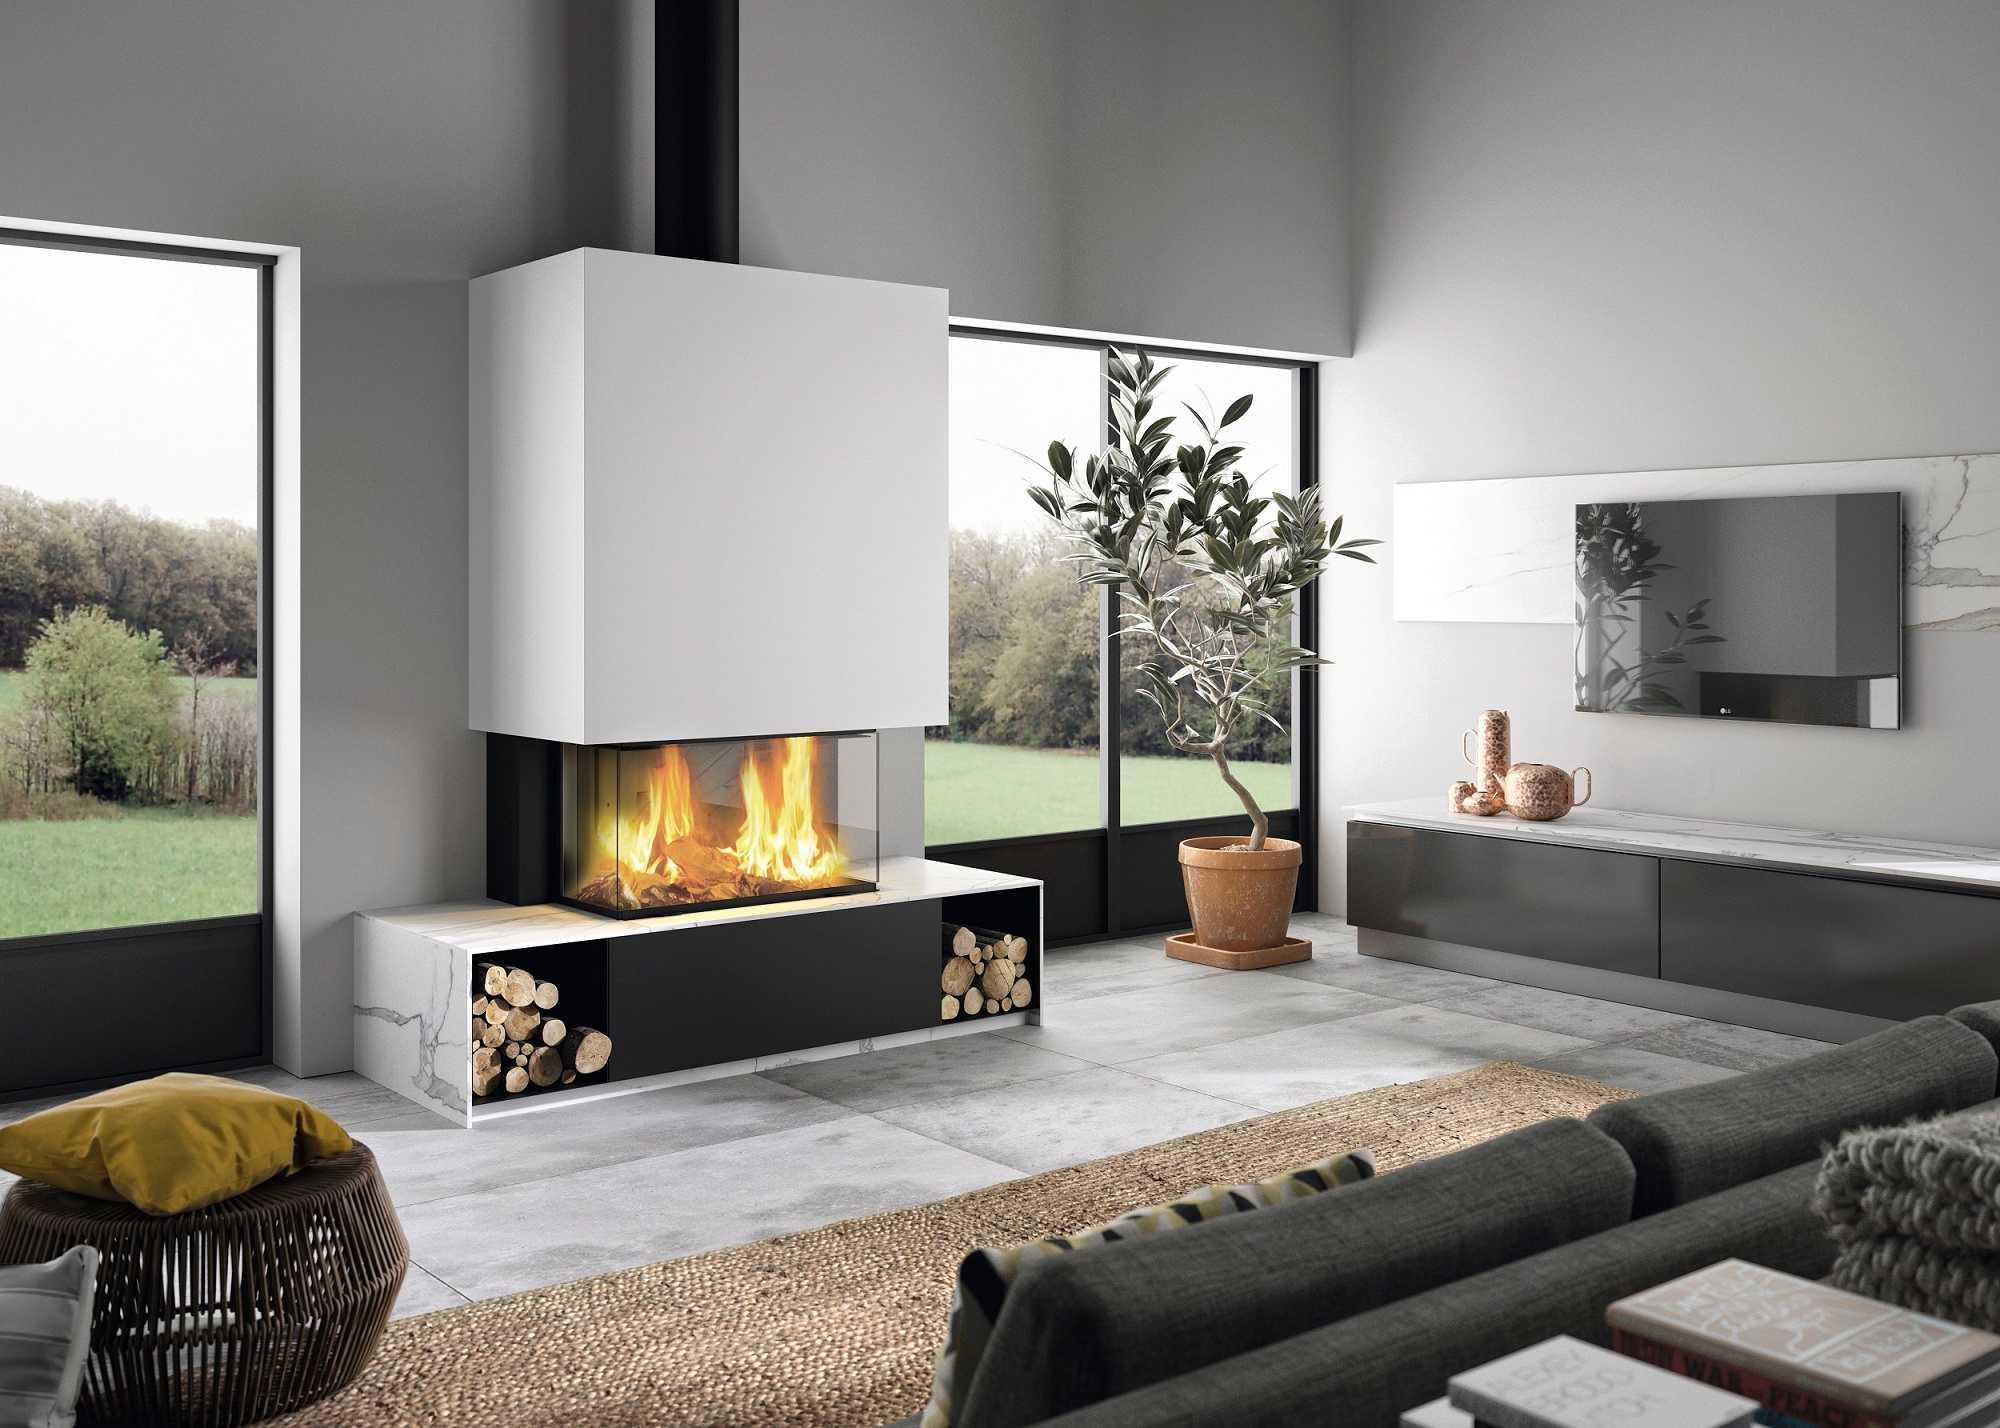 Cheminée Philippe- Cheminée centrale-3 vitres- niches bois intégrés-conduit noir apparents-banquette sur mesure-bordeaux